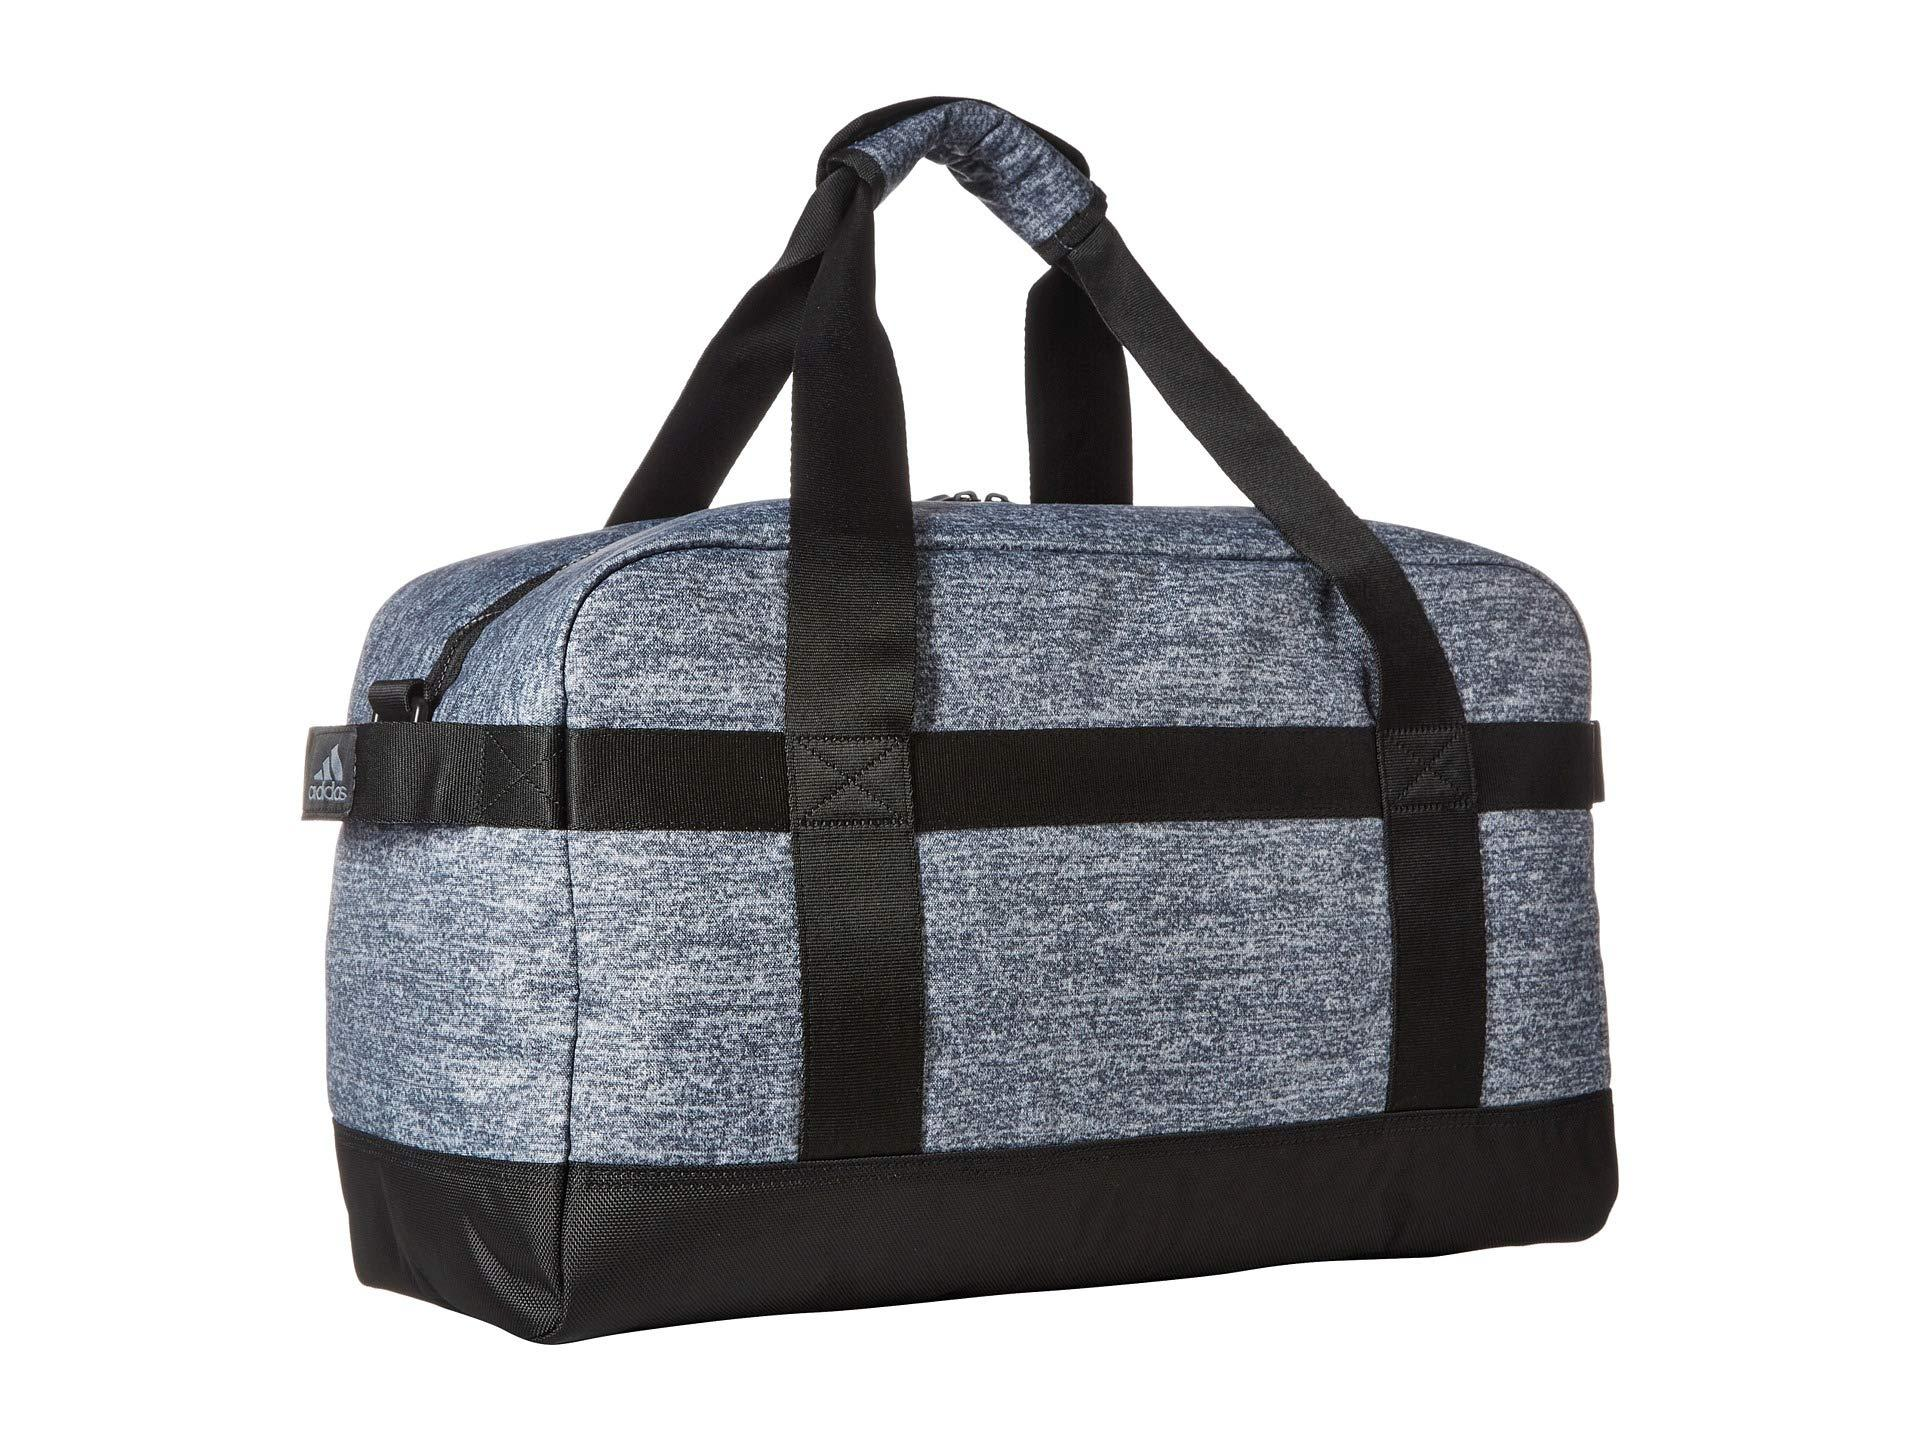 Adidas Convertible Training Duffel Bag M raw whiteblack